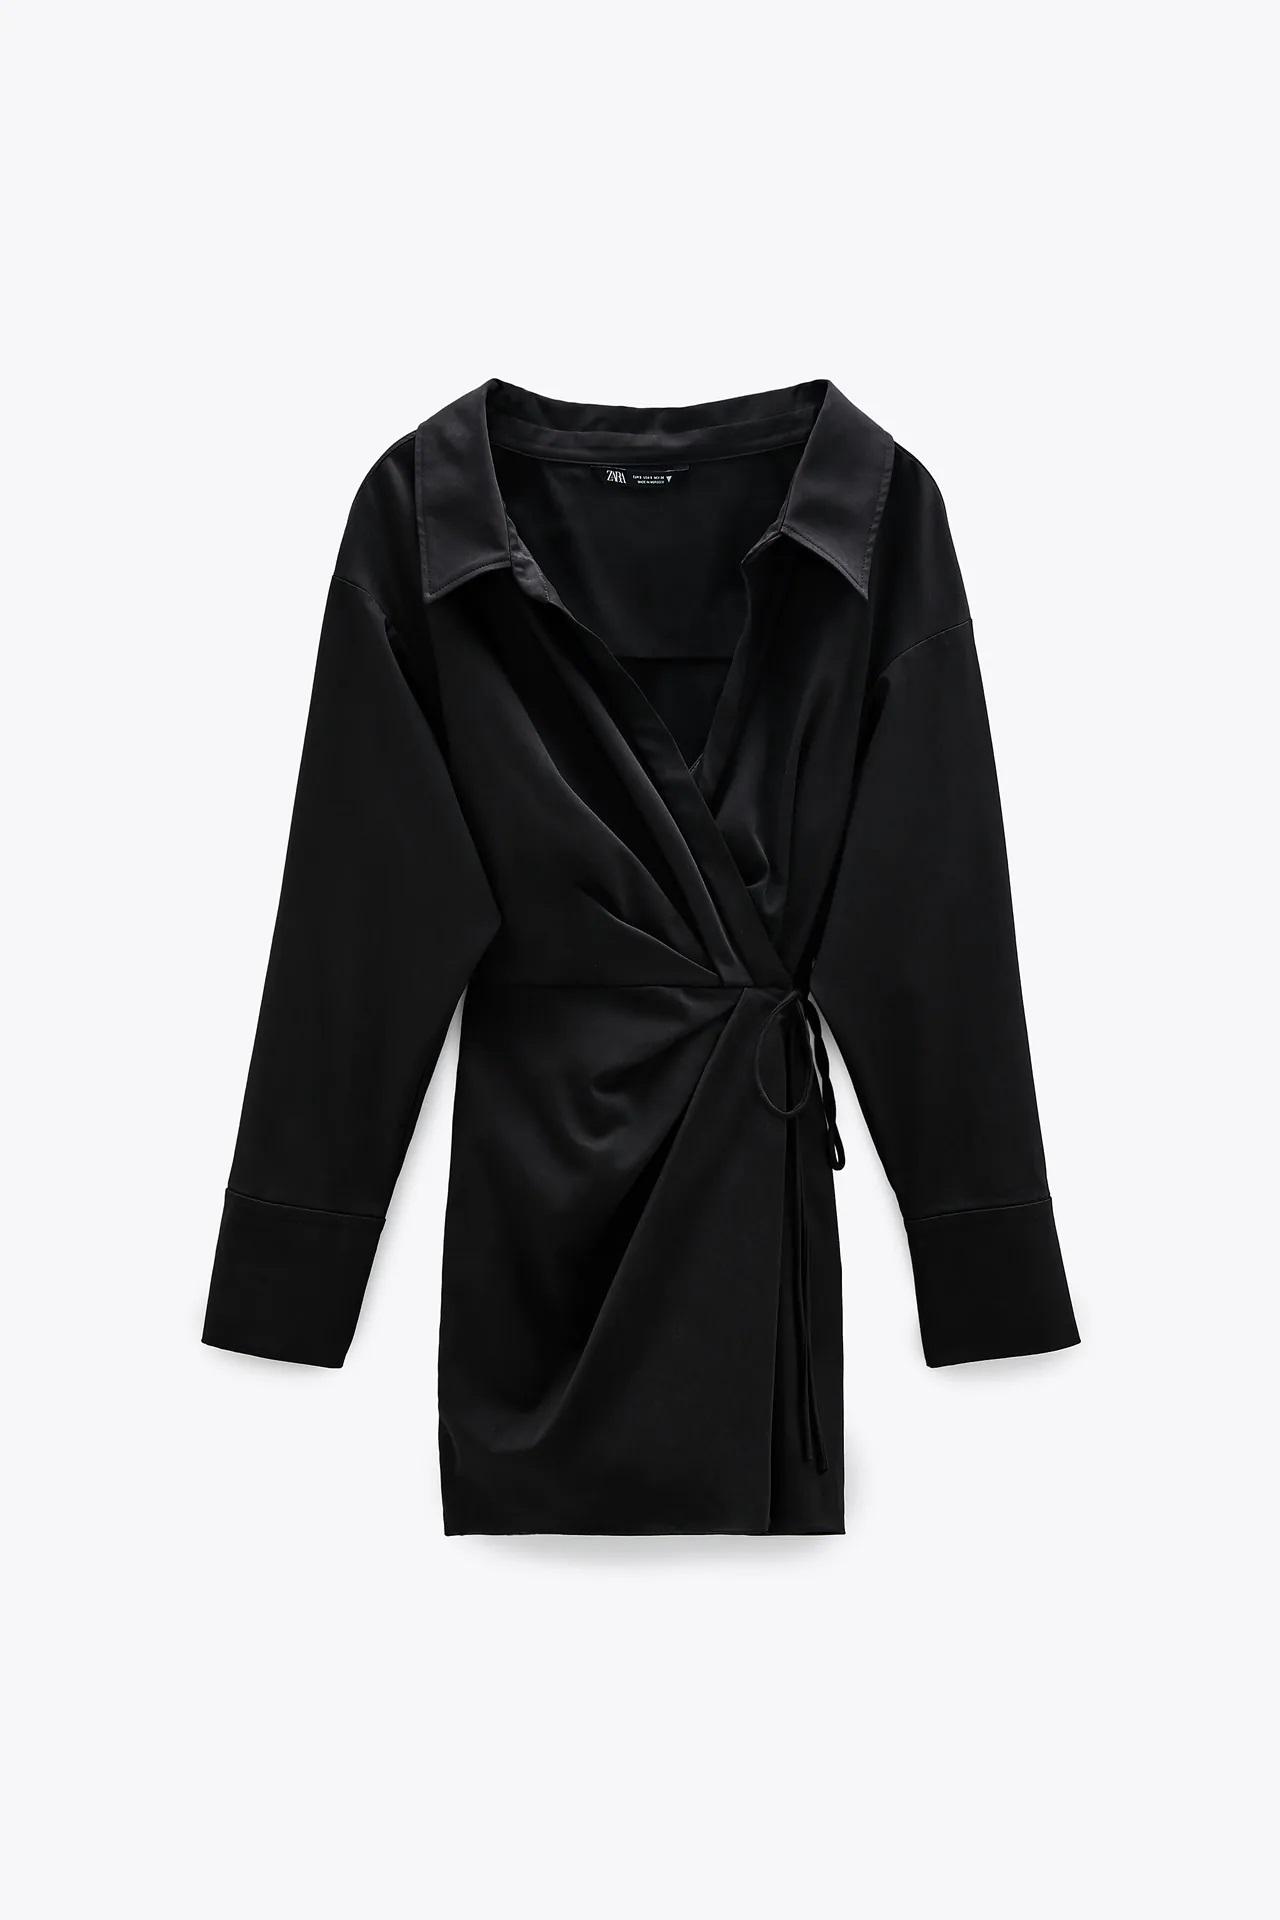 Este es el vestido de Zara que reúne las tendencias del otoño y te solucionará más de un look